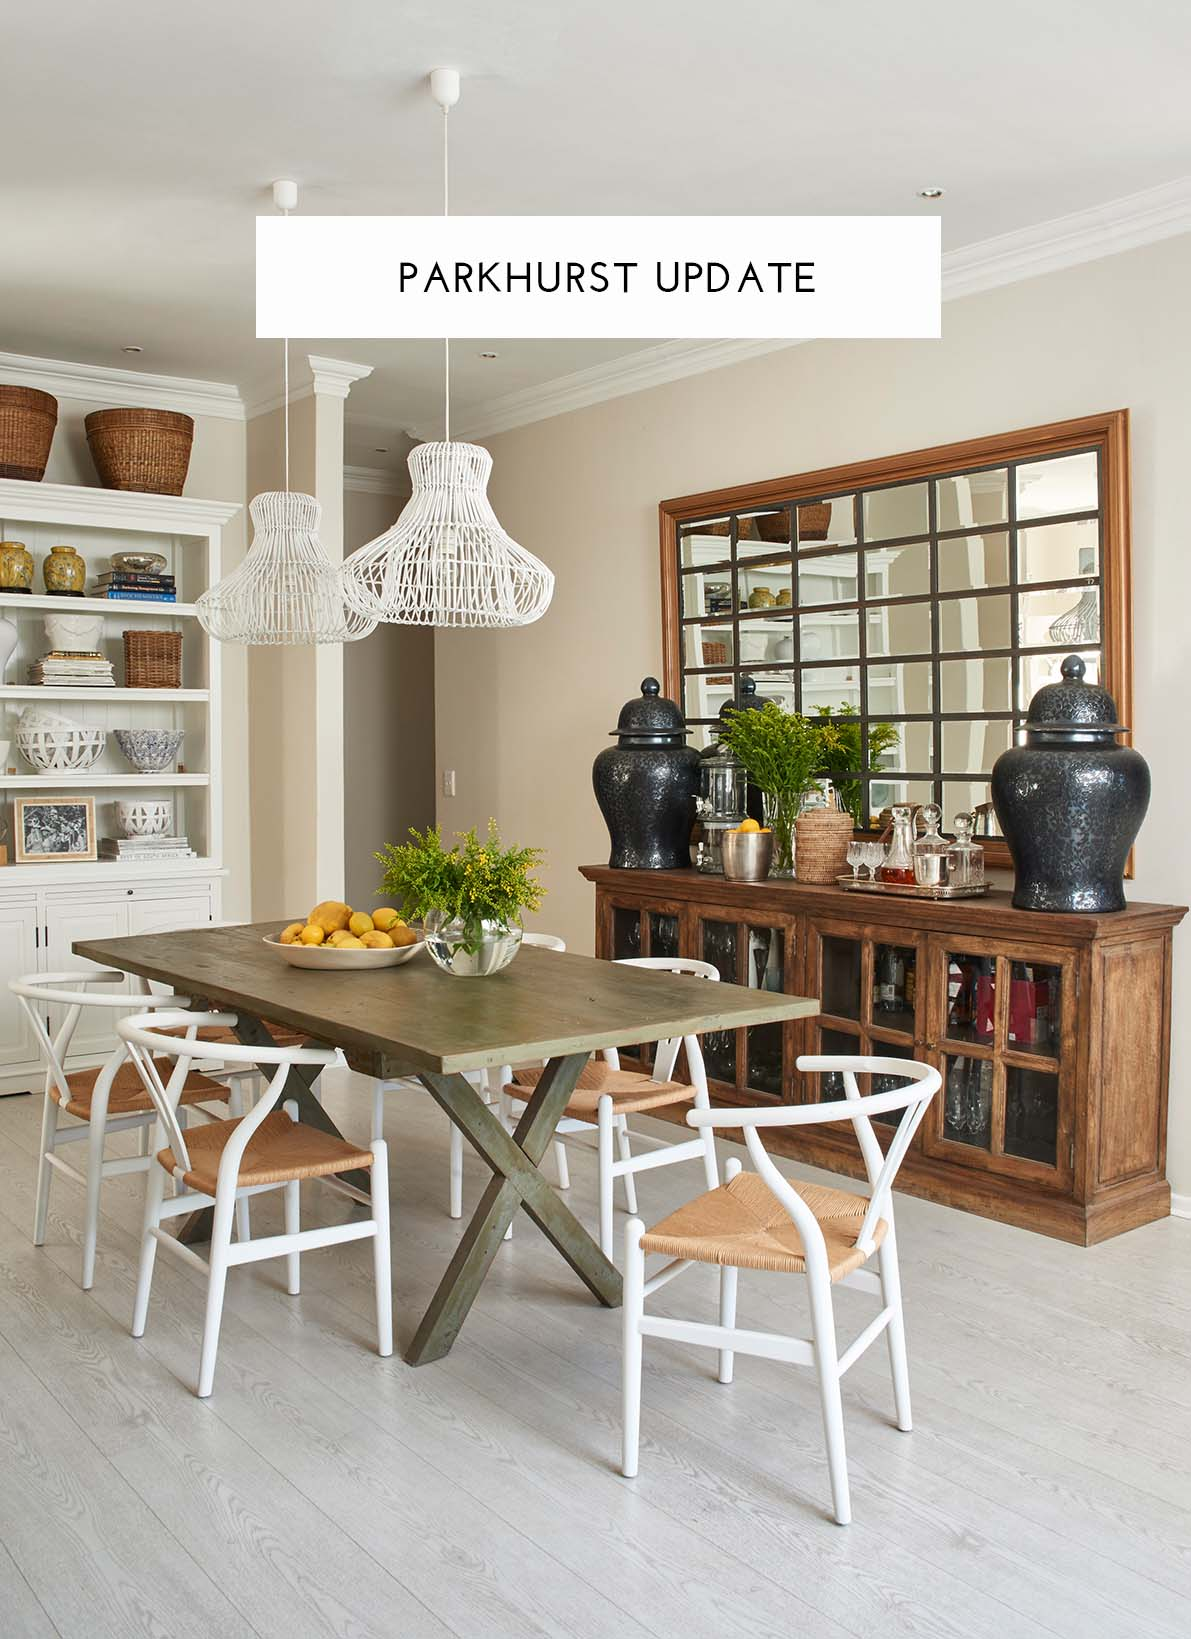 Parkhurst update.jpg